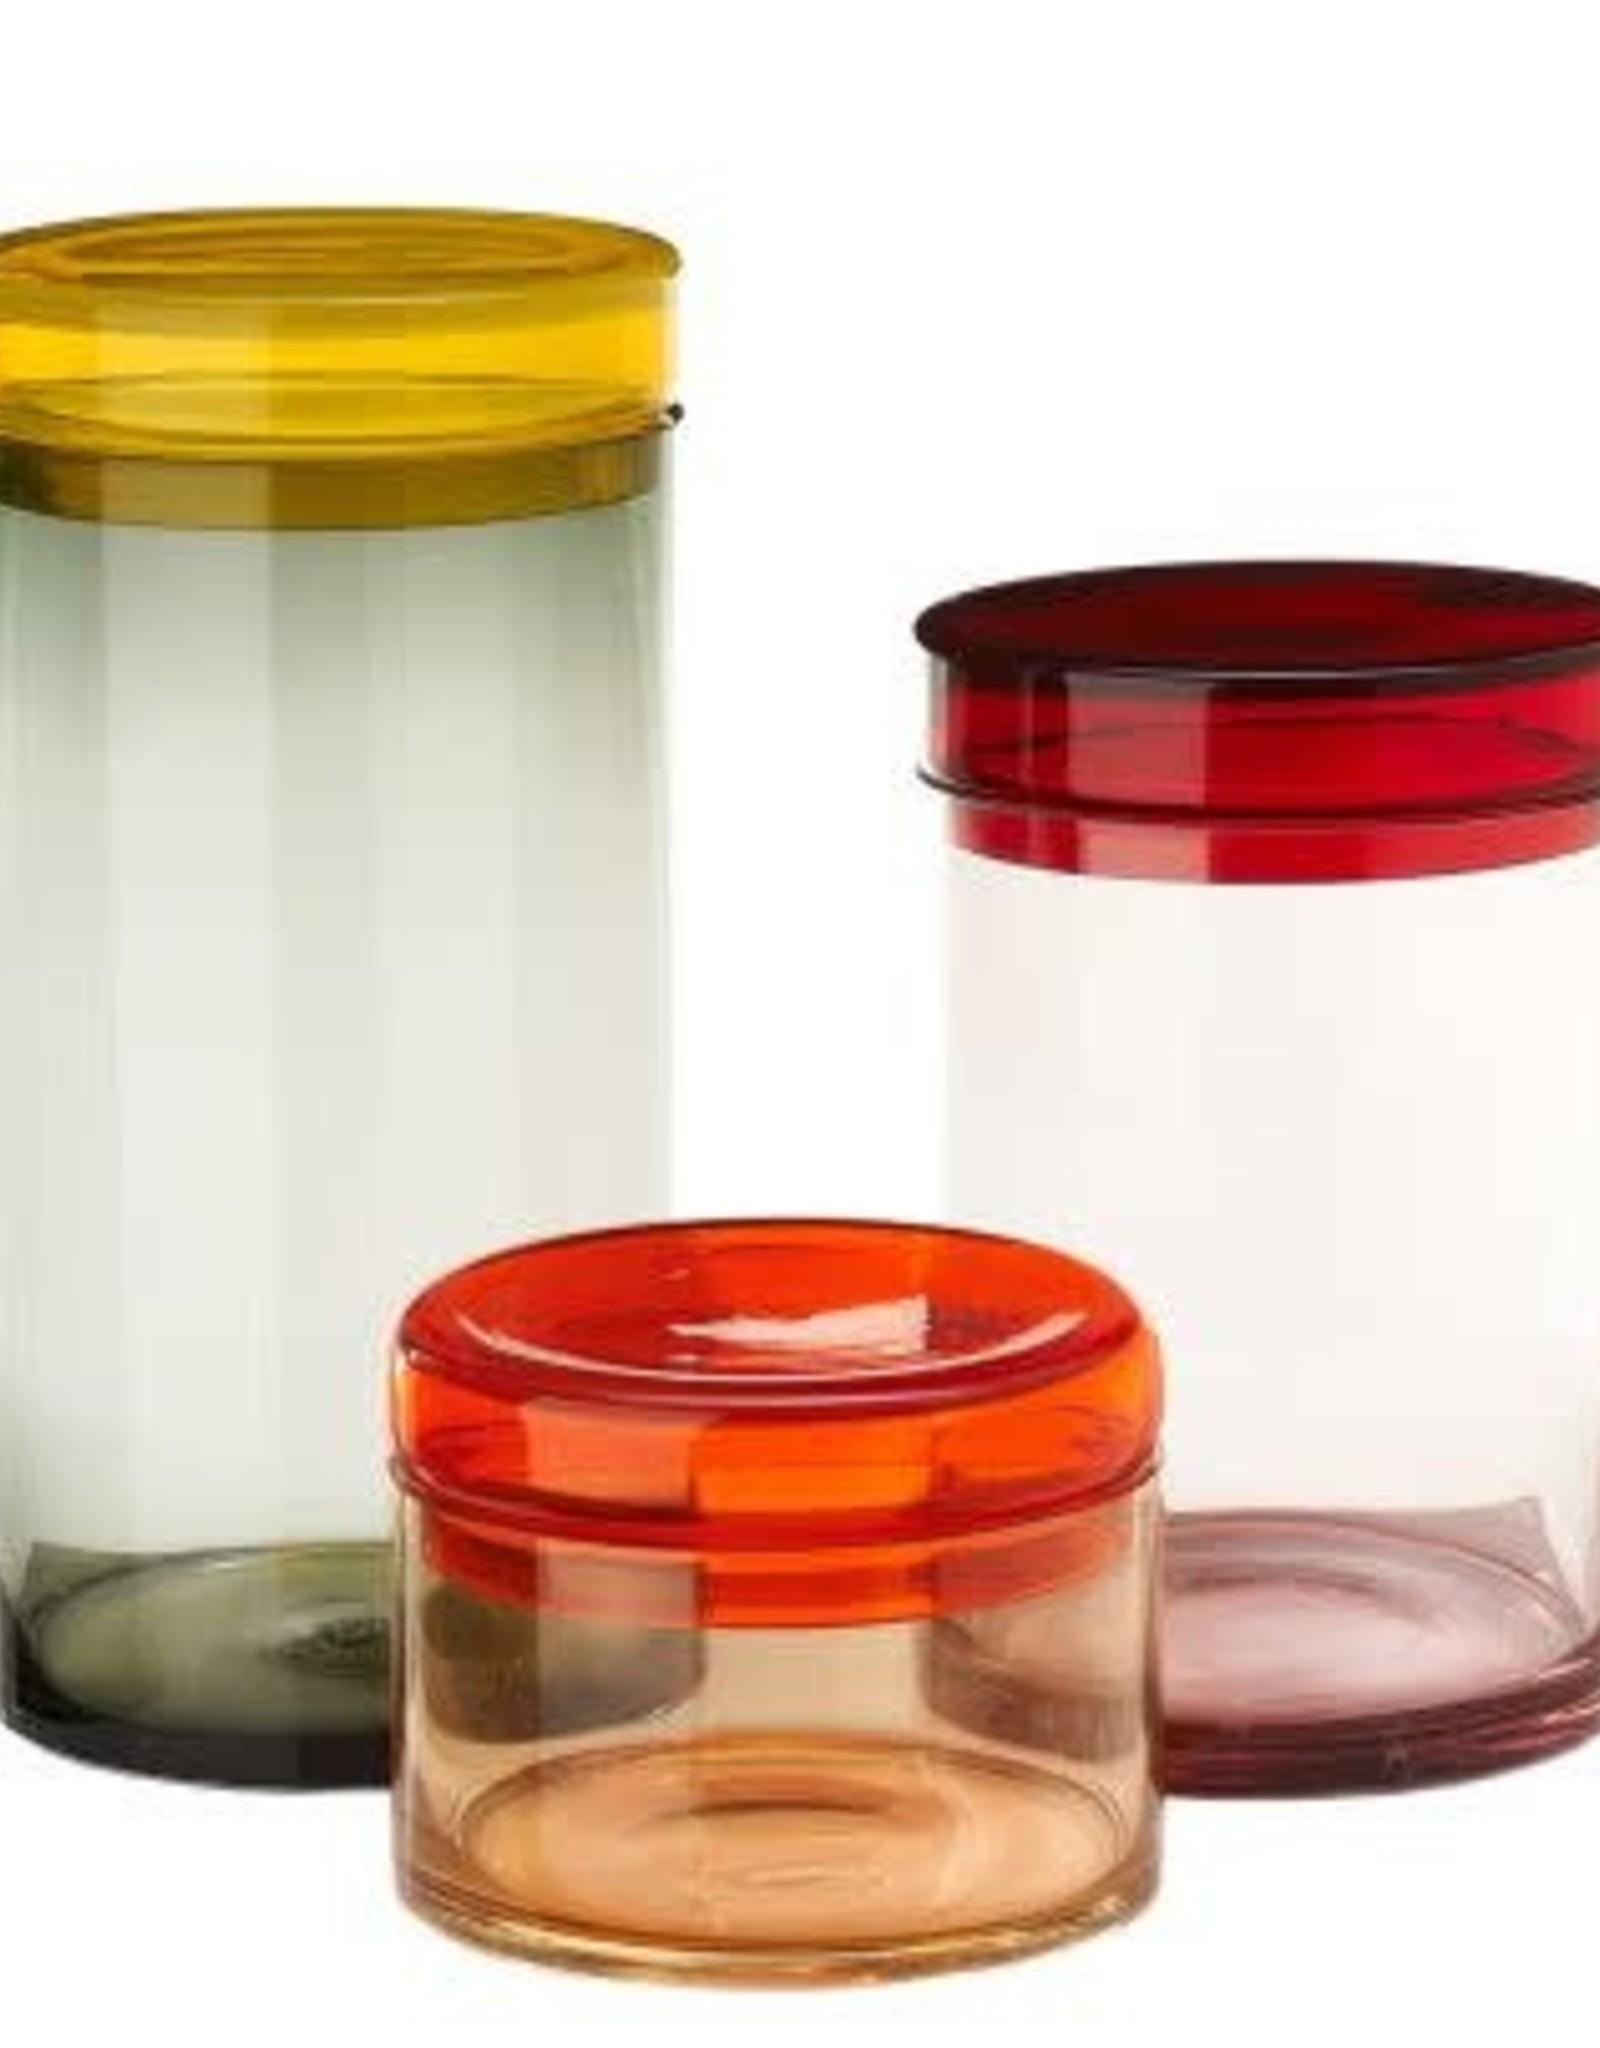 Pols Potten Caps & Jars - XL set of 3